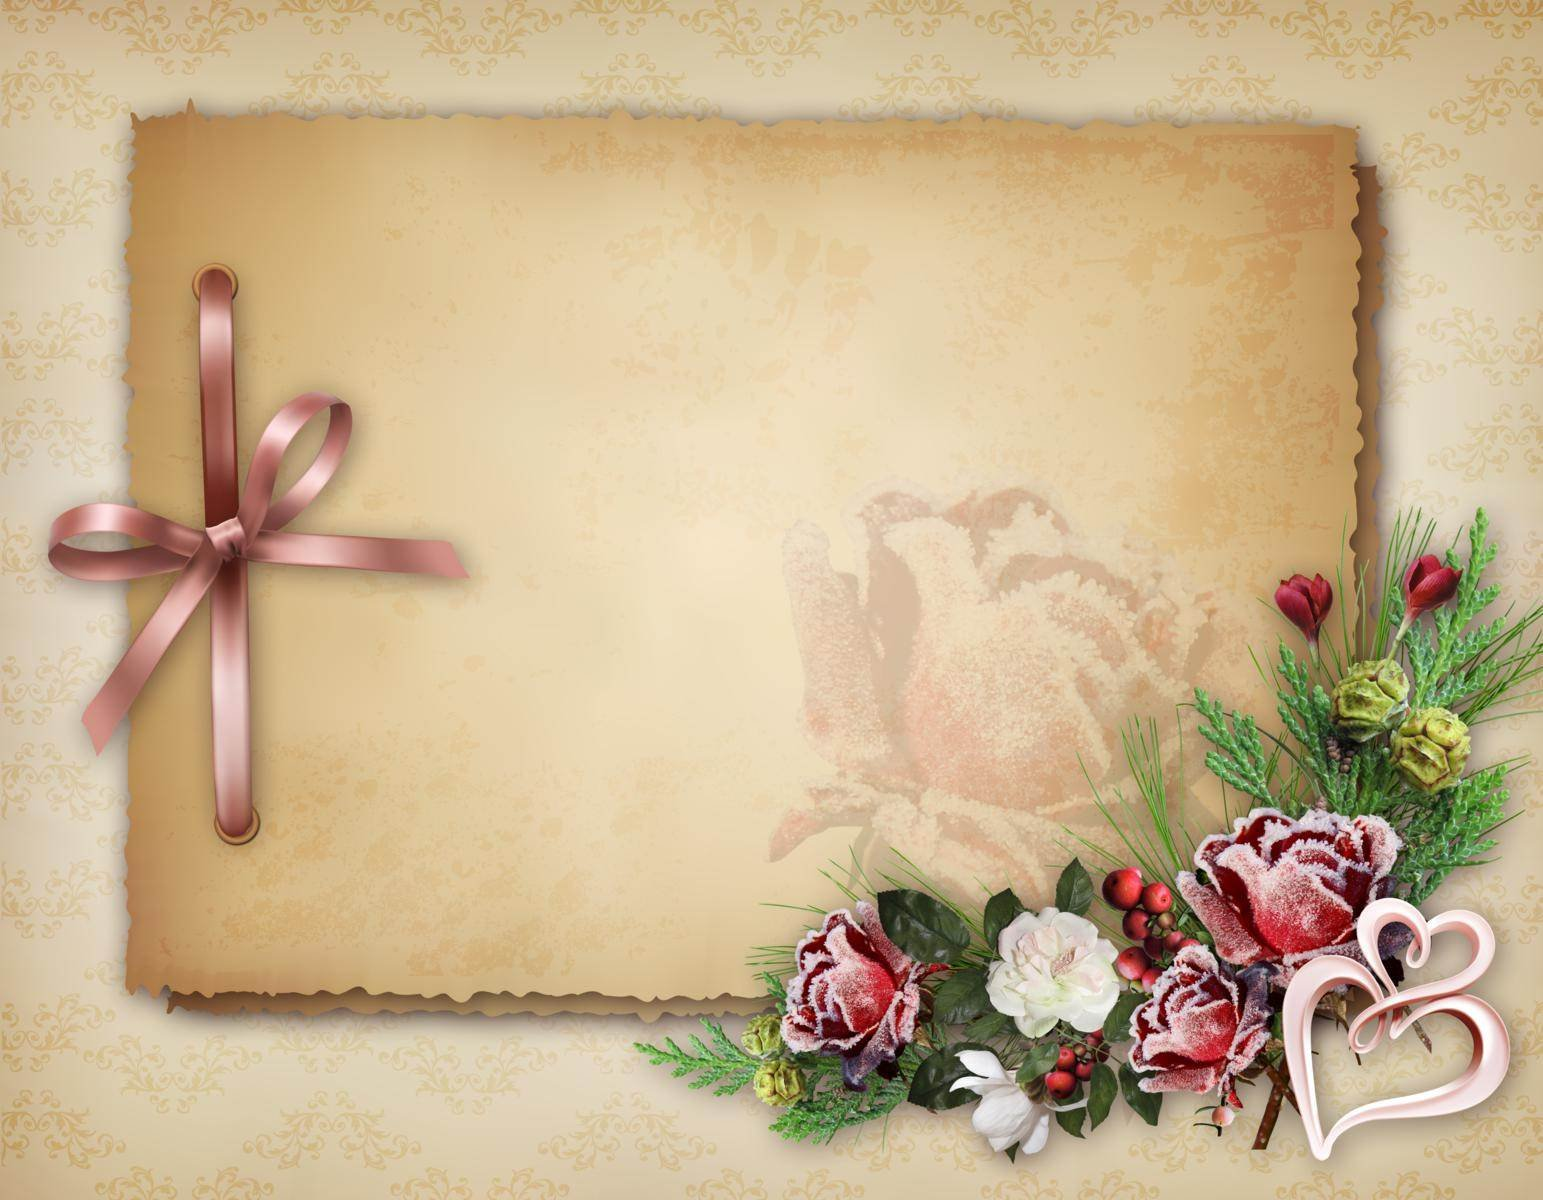 Создать открытку с днем рождения для мужчины